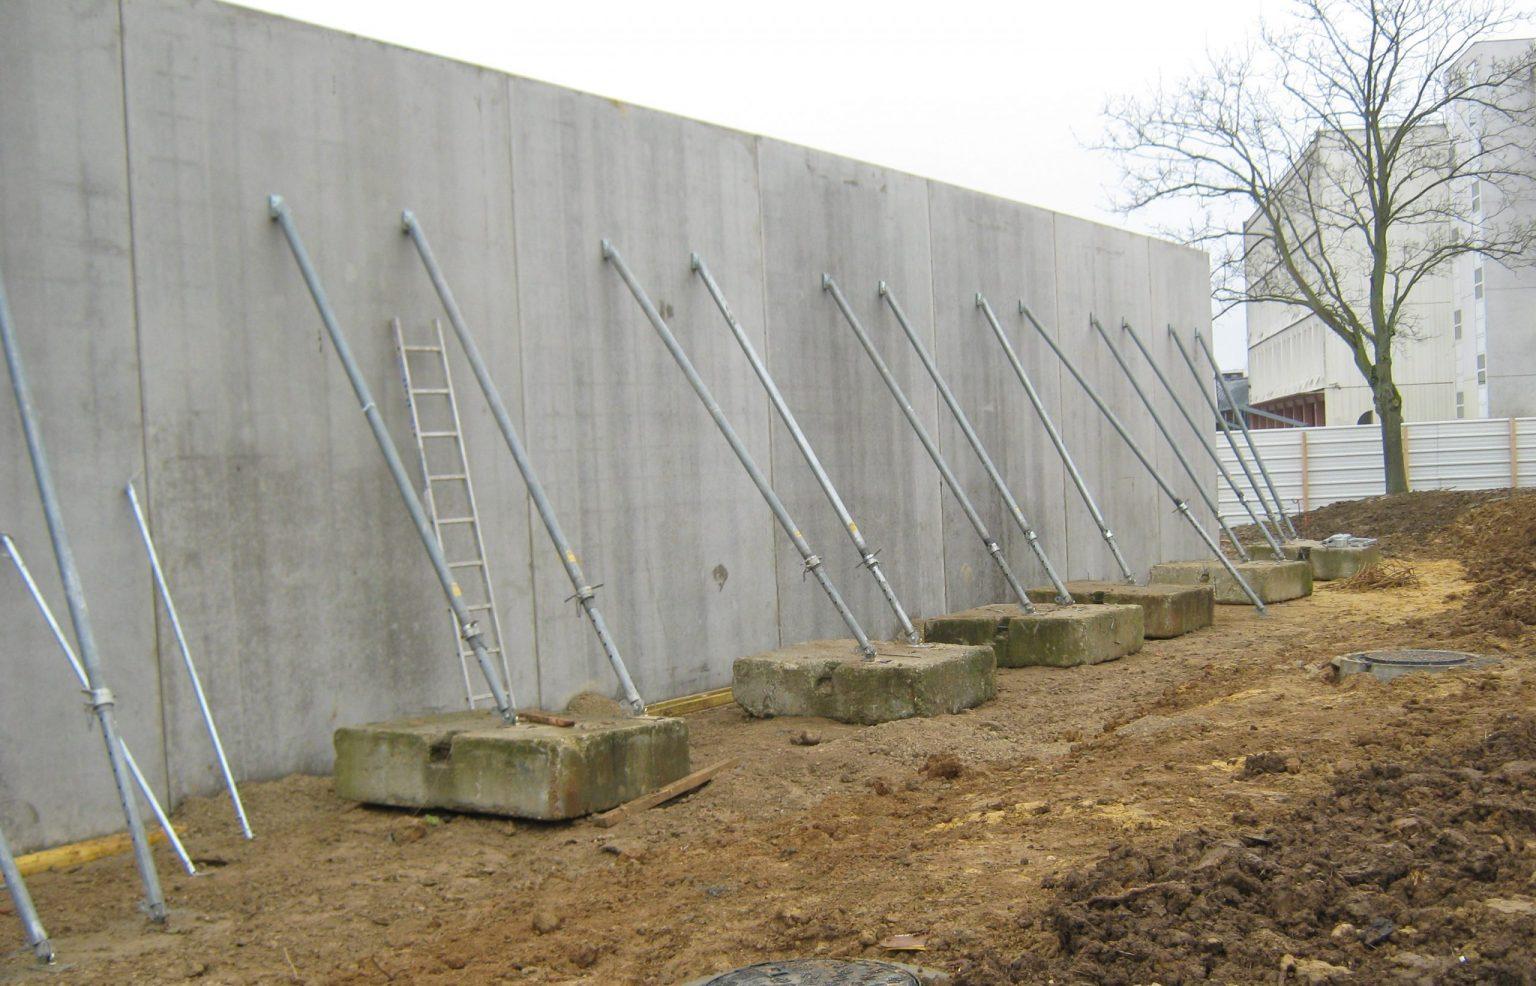 Prémurs en béton armé préfabriqués par la société ACFA pour la construction d'un gymnase